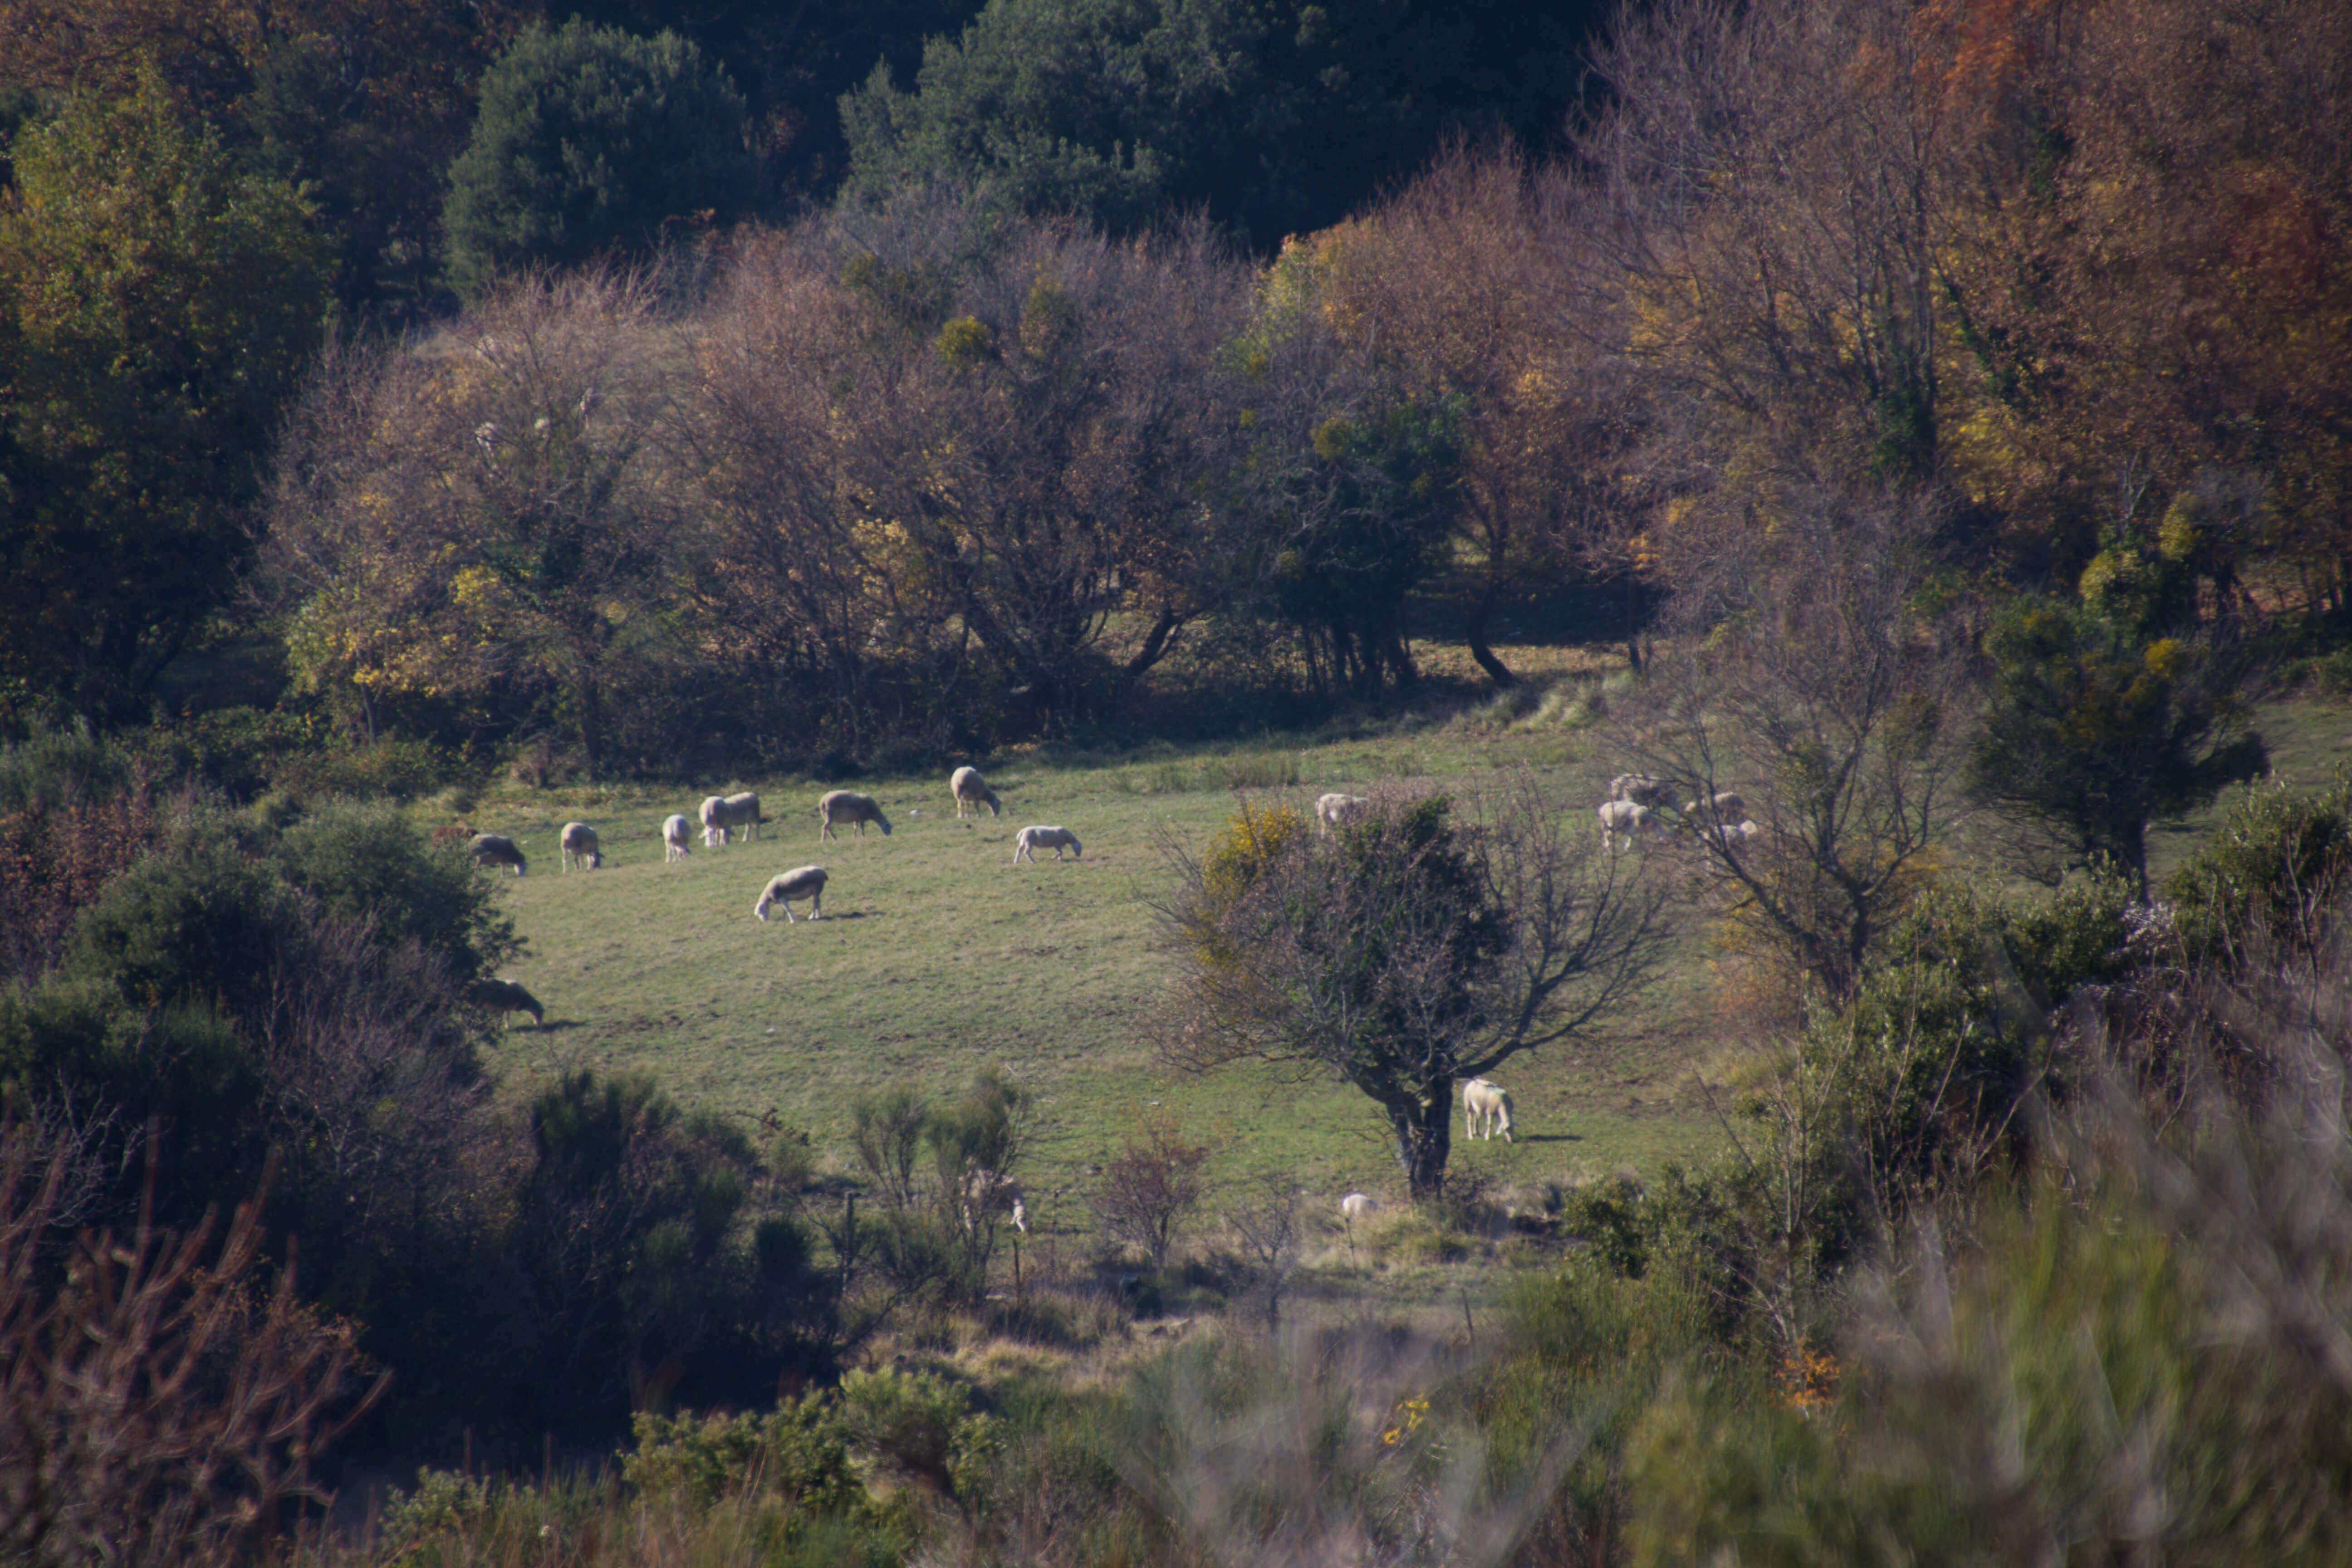 Les moutons ne sont pas loin